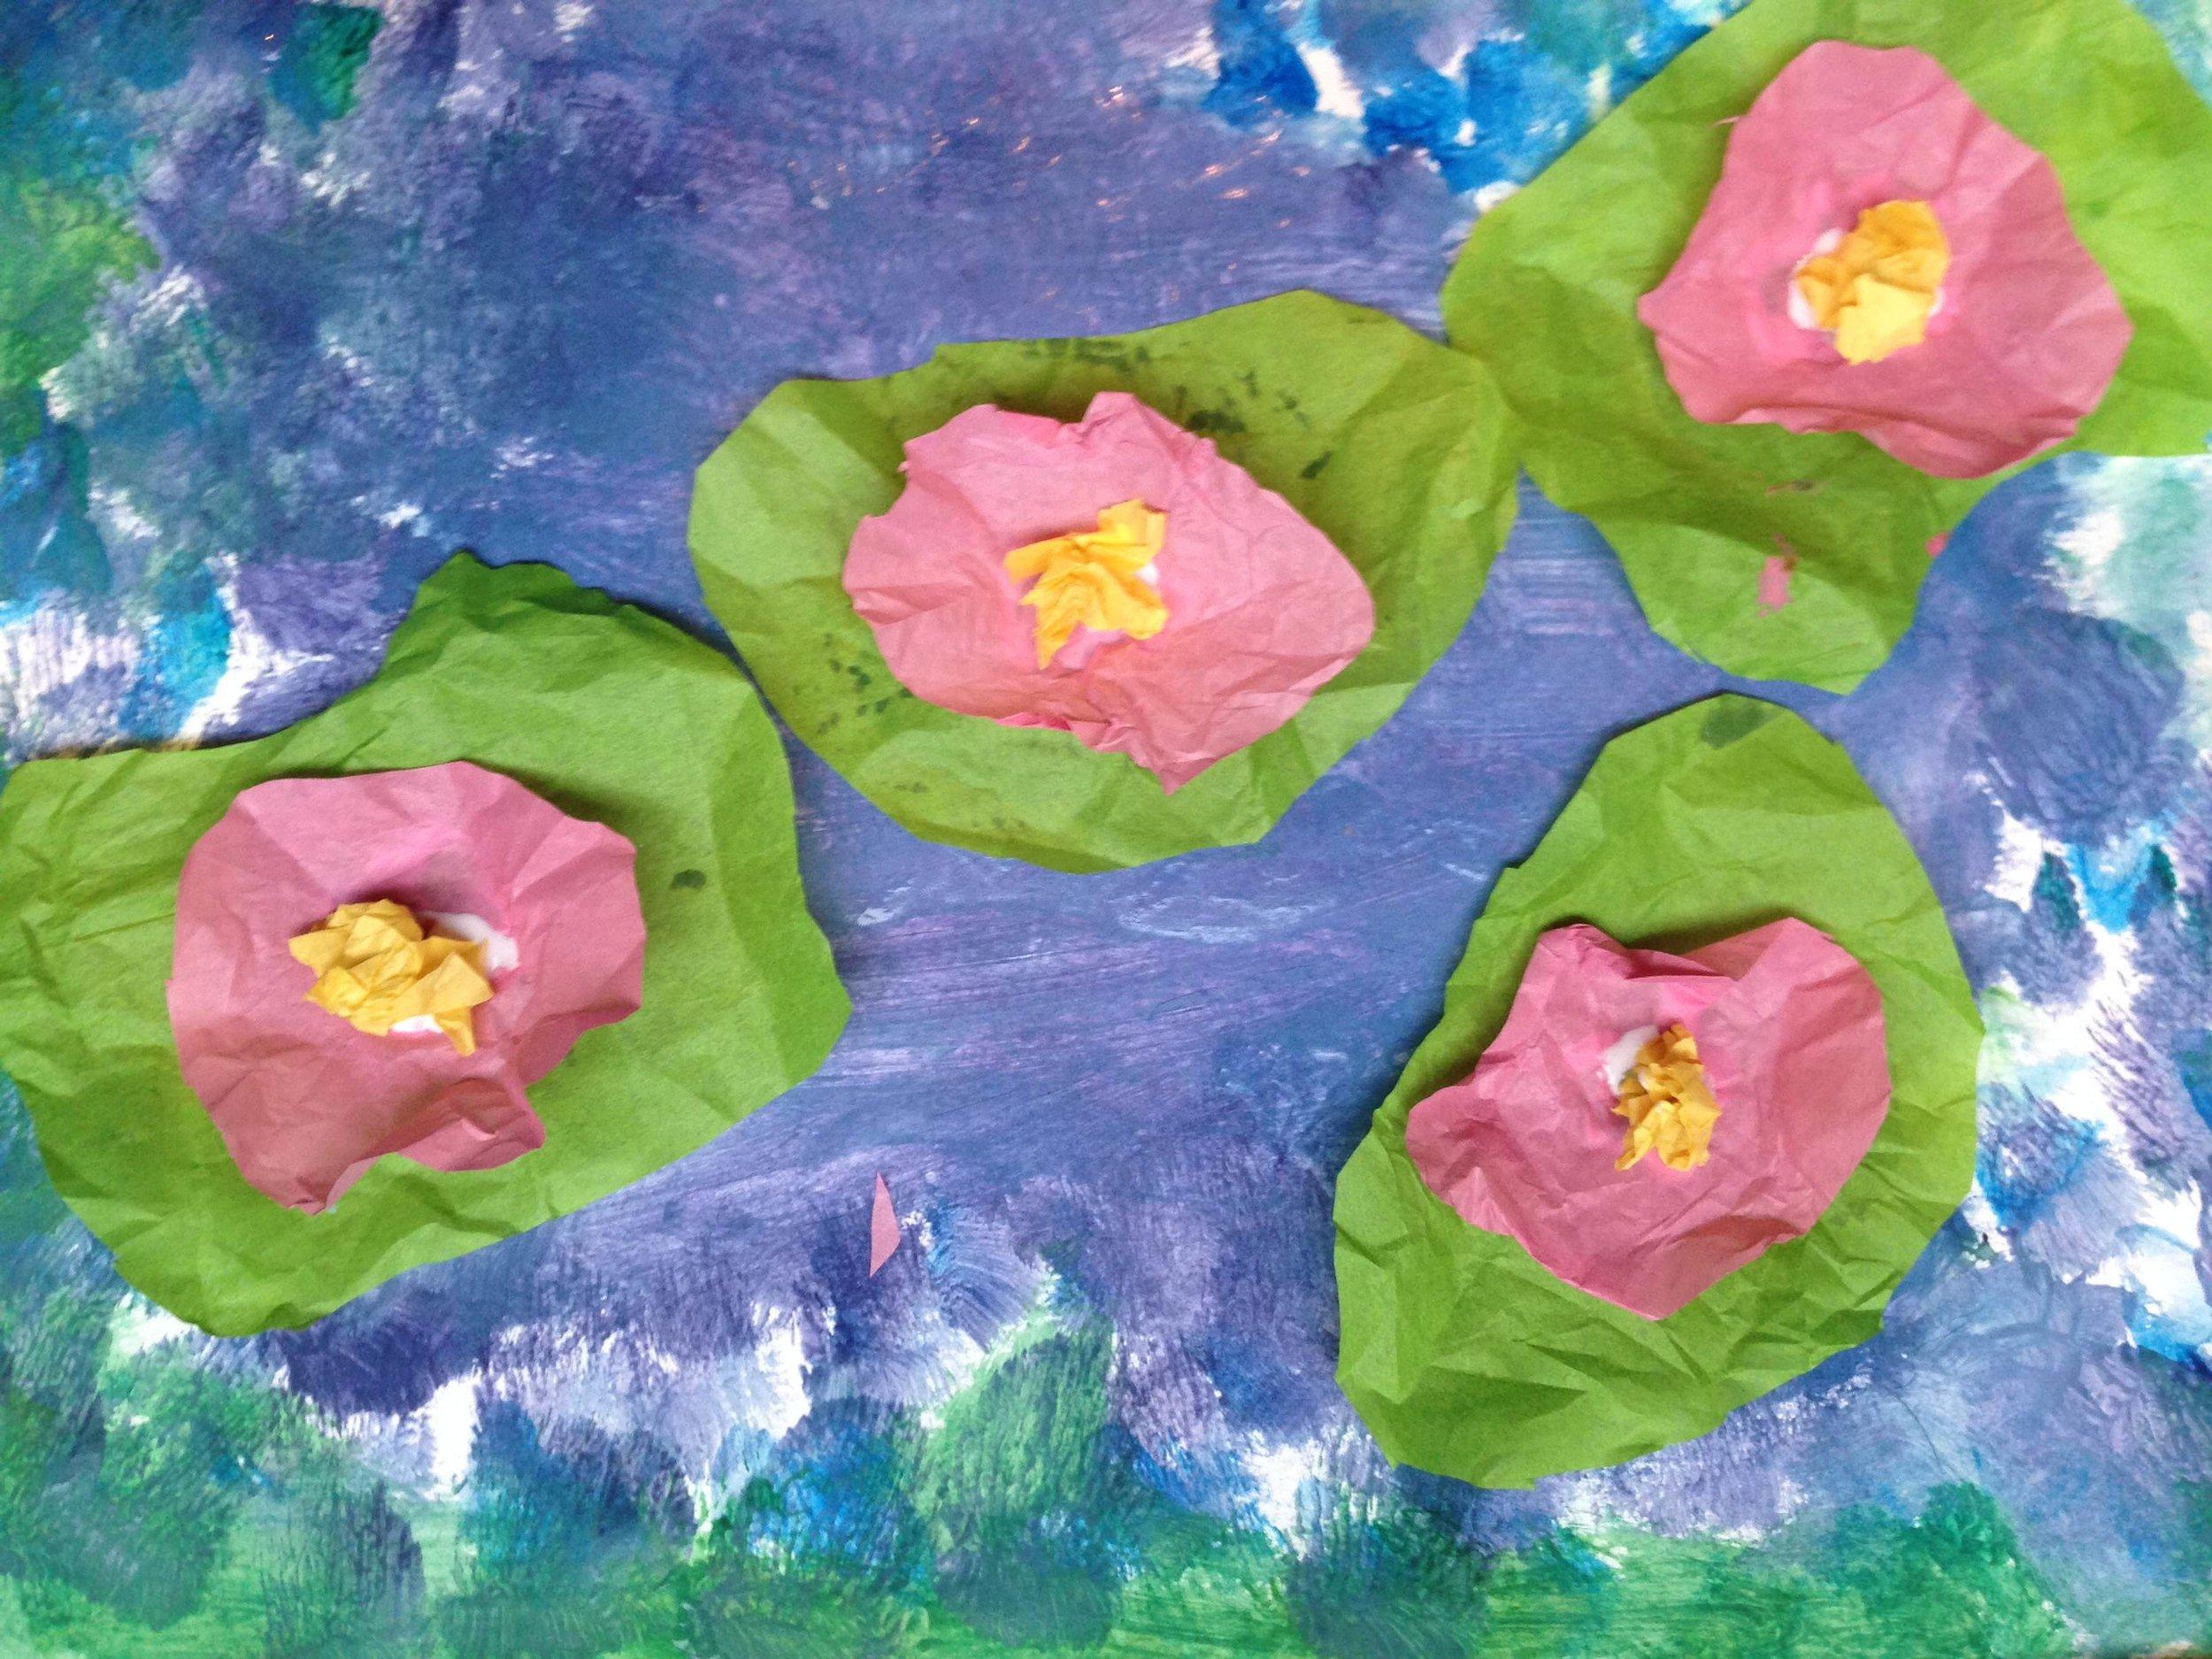 monet waterlilies 2.jpg